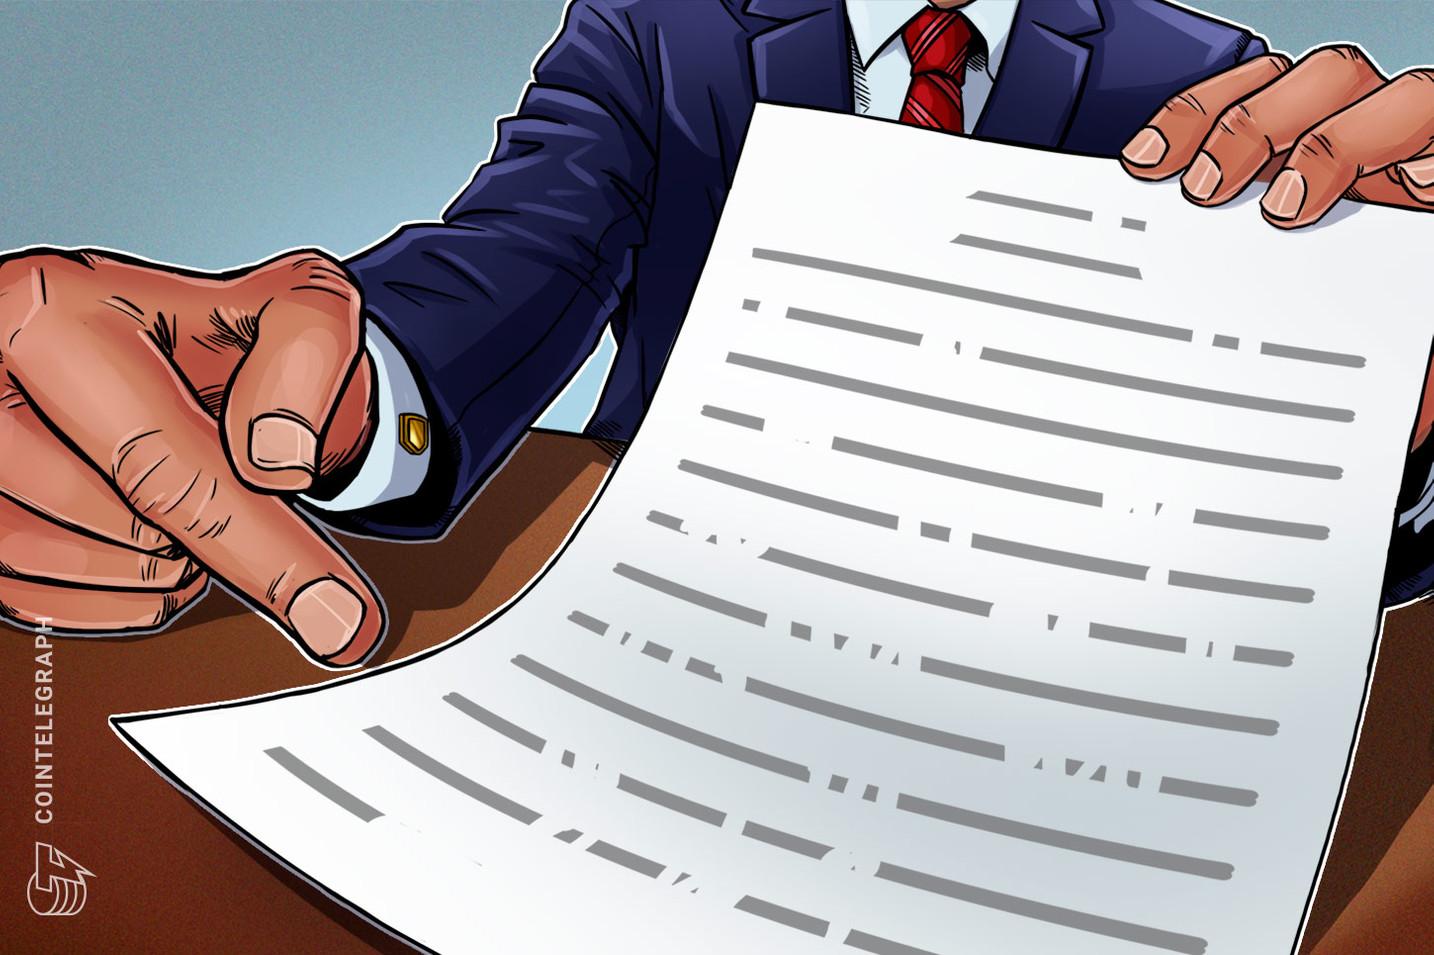 2020年にビットコインによる納税や公共料金支払い合法化目指す 米ニューハンプシャー州で法案議論